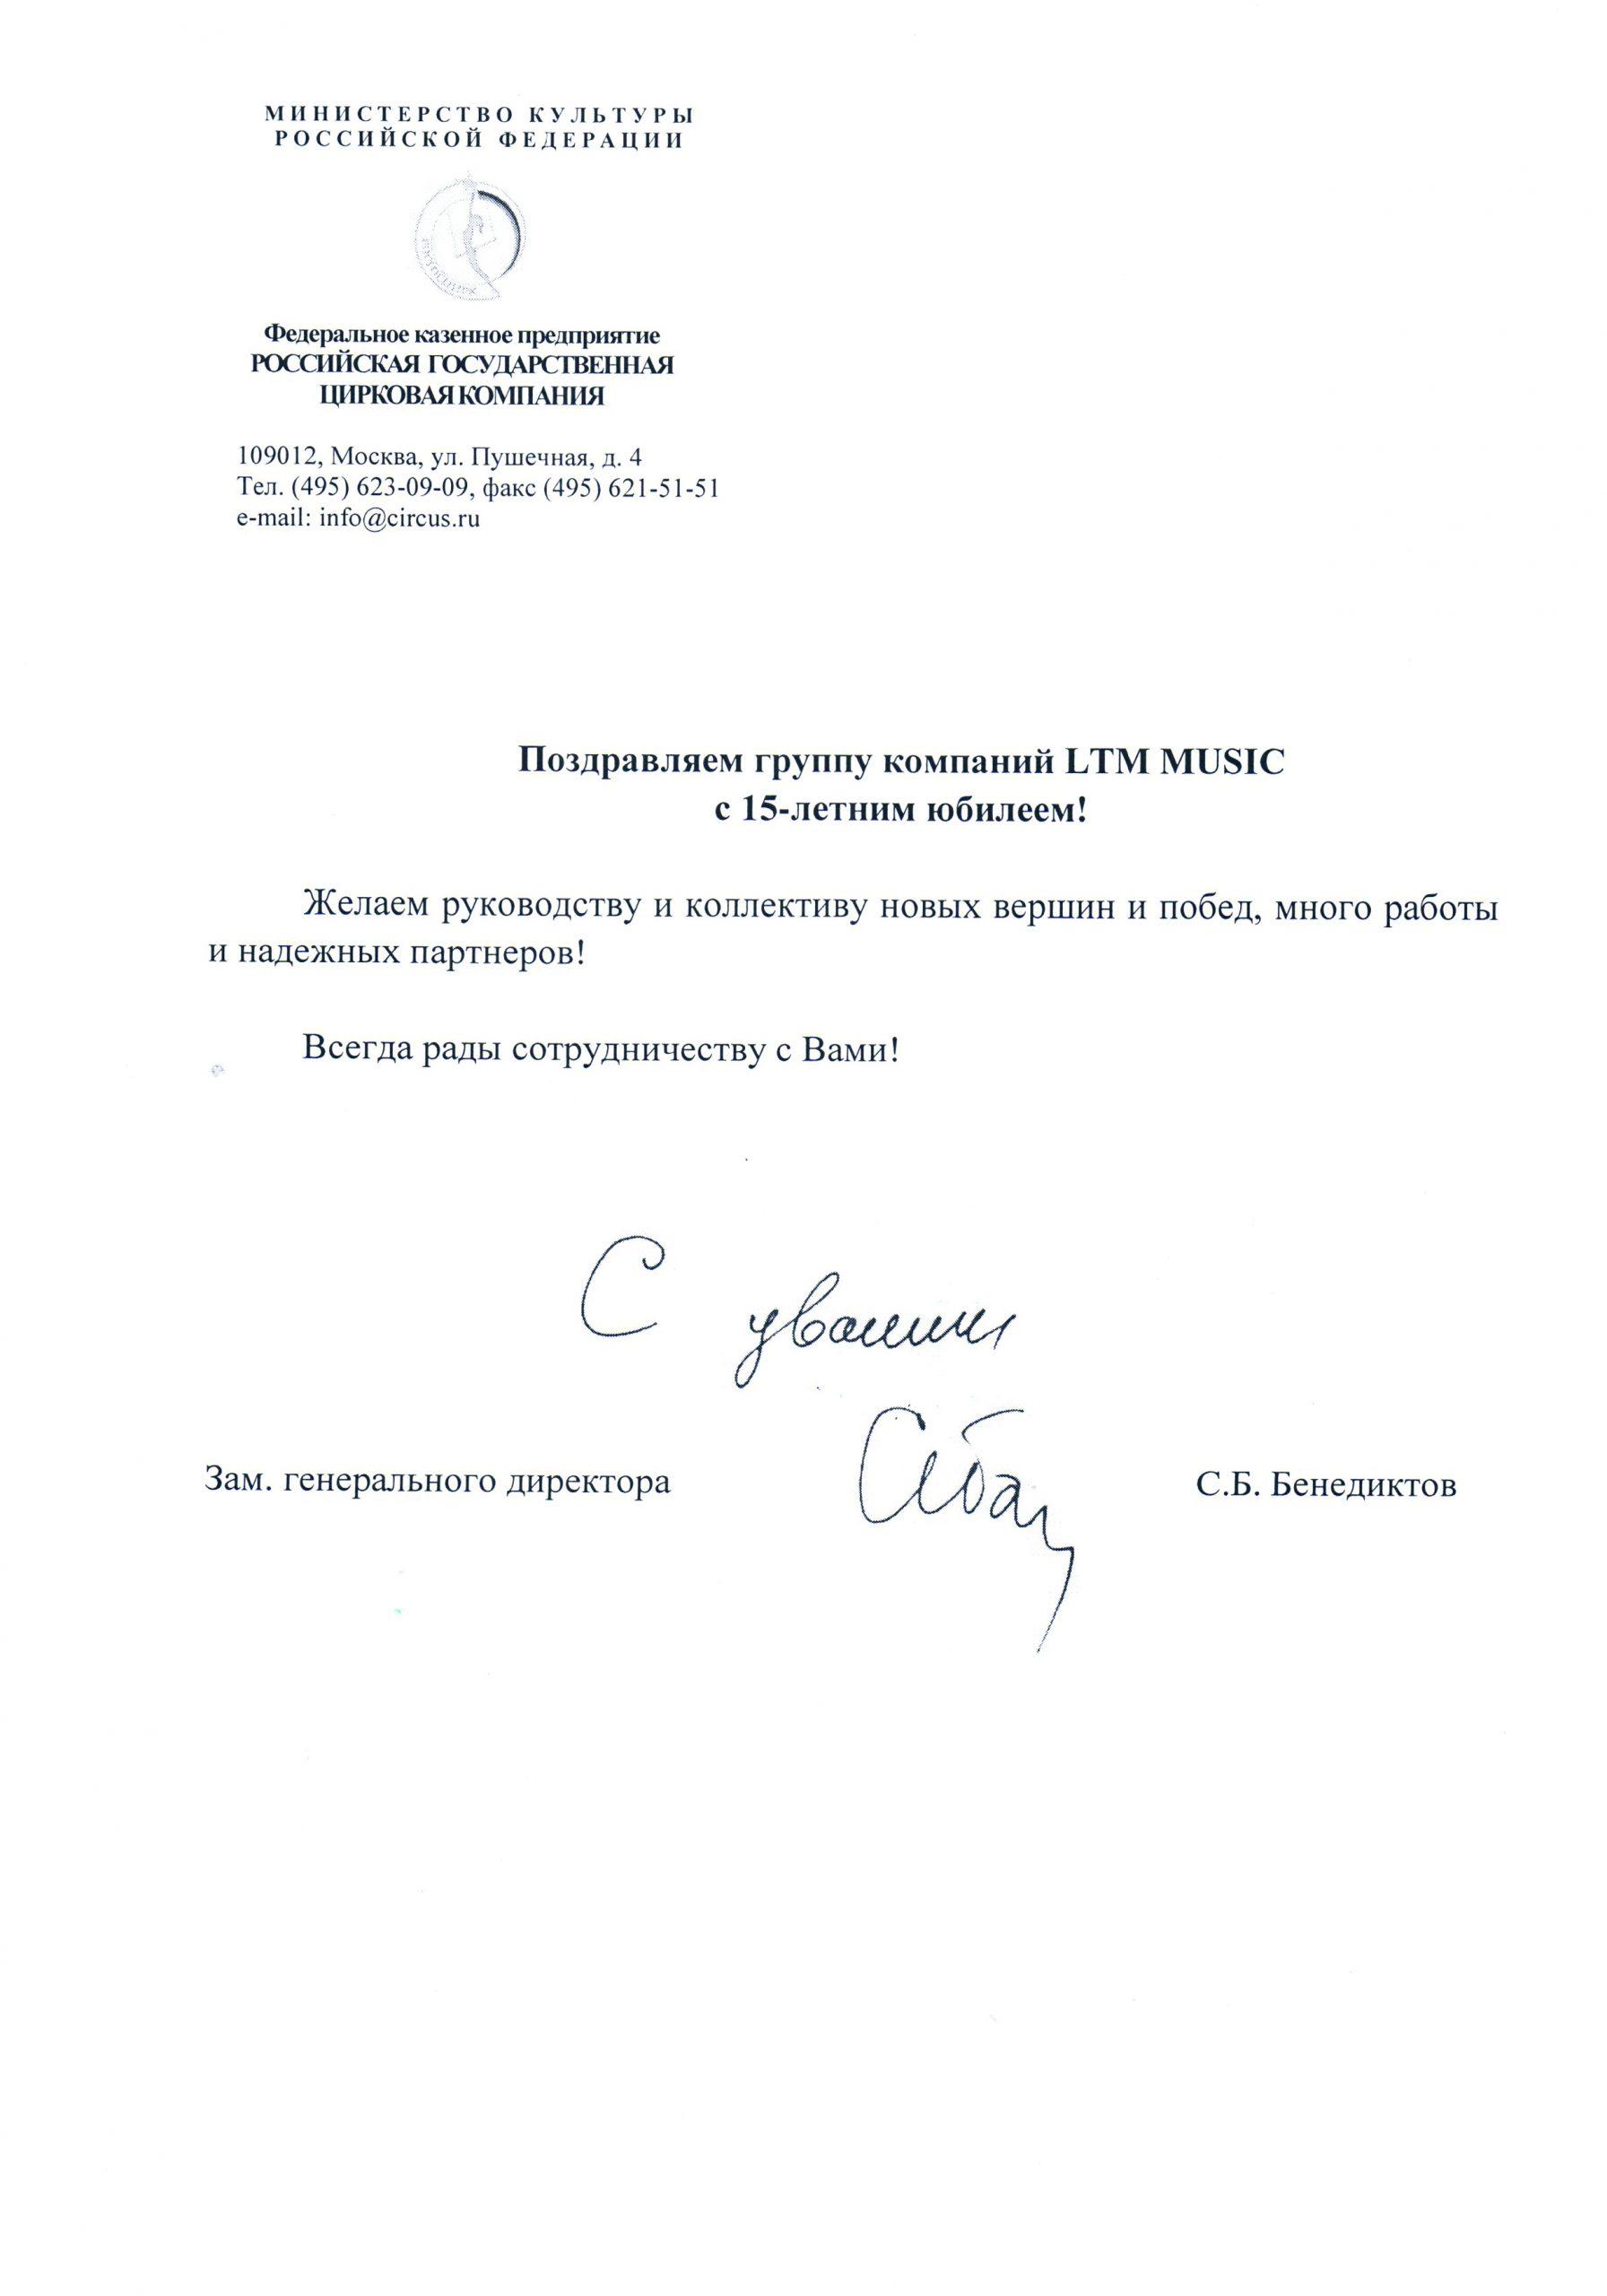 16. российская государственная цирковая компания